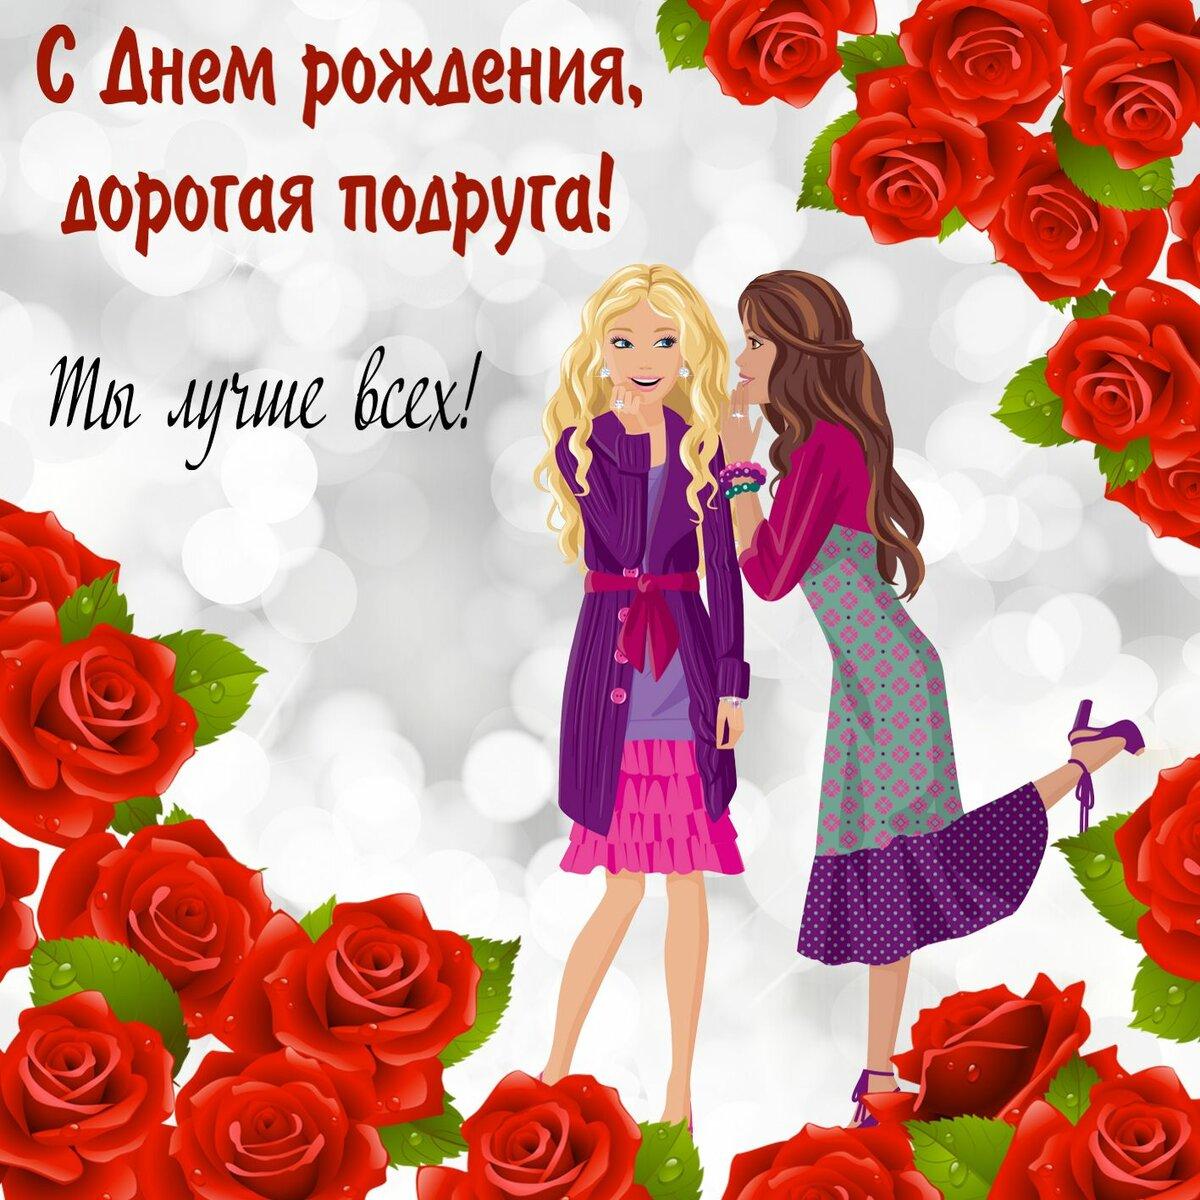 Эффектное поздравление для подруги